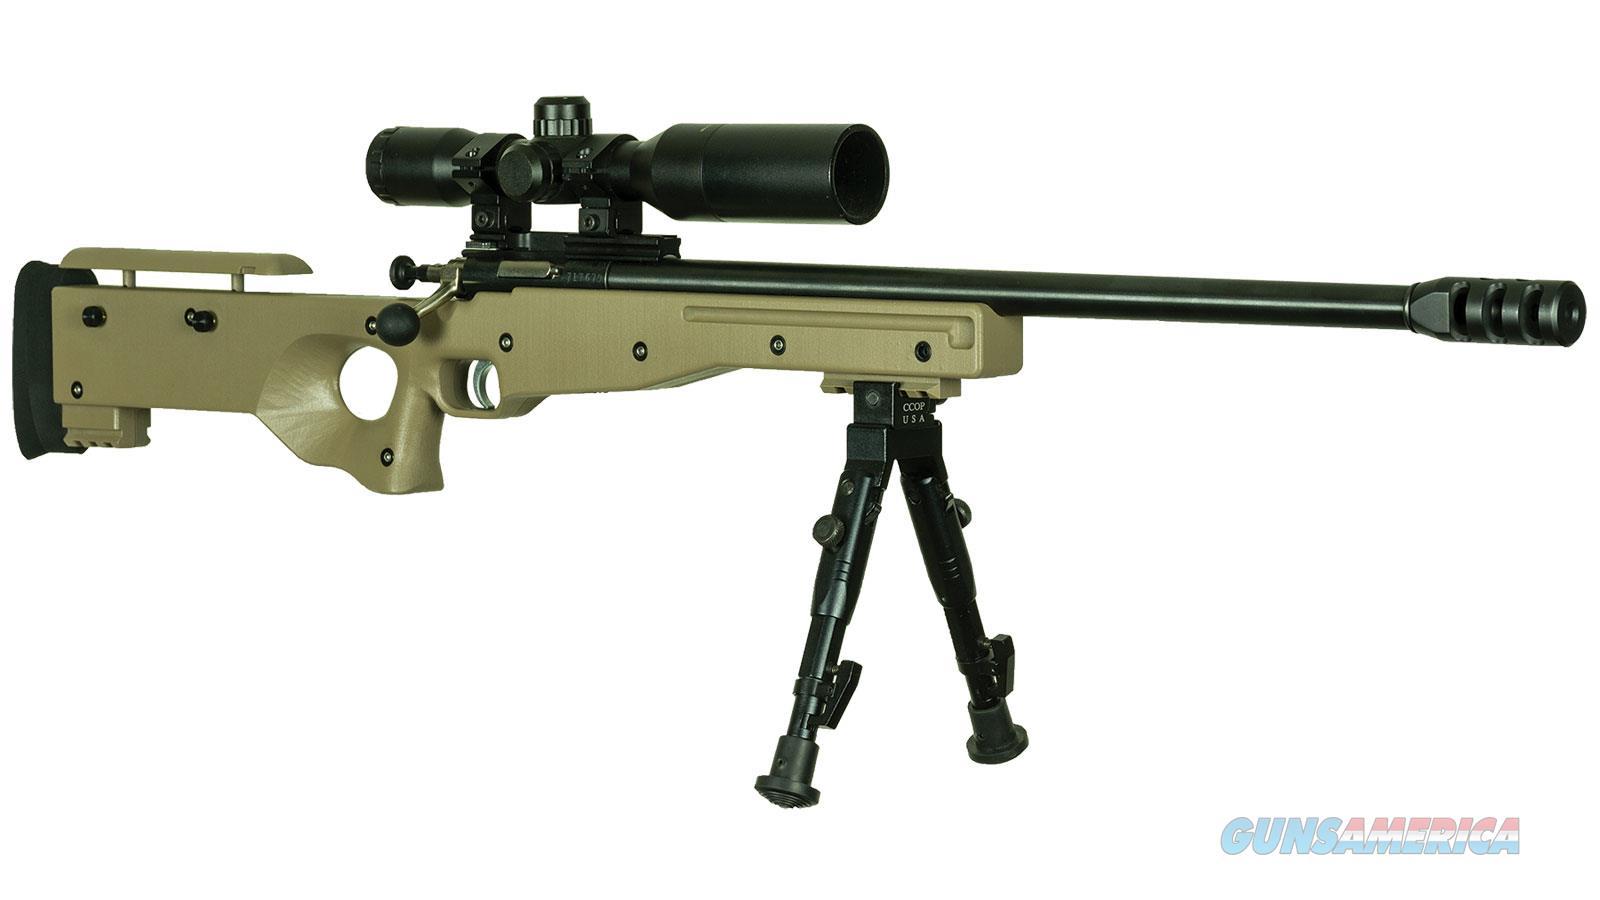 Keystone Sporting Arms Crkt Prec Rfl Pkg 22S/L/Lr KSA2152  Guns > Rifles > K Misc Rifles